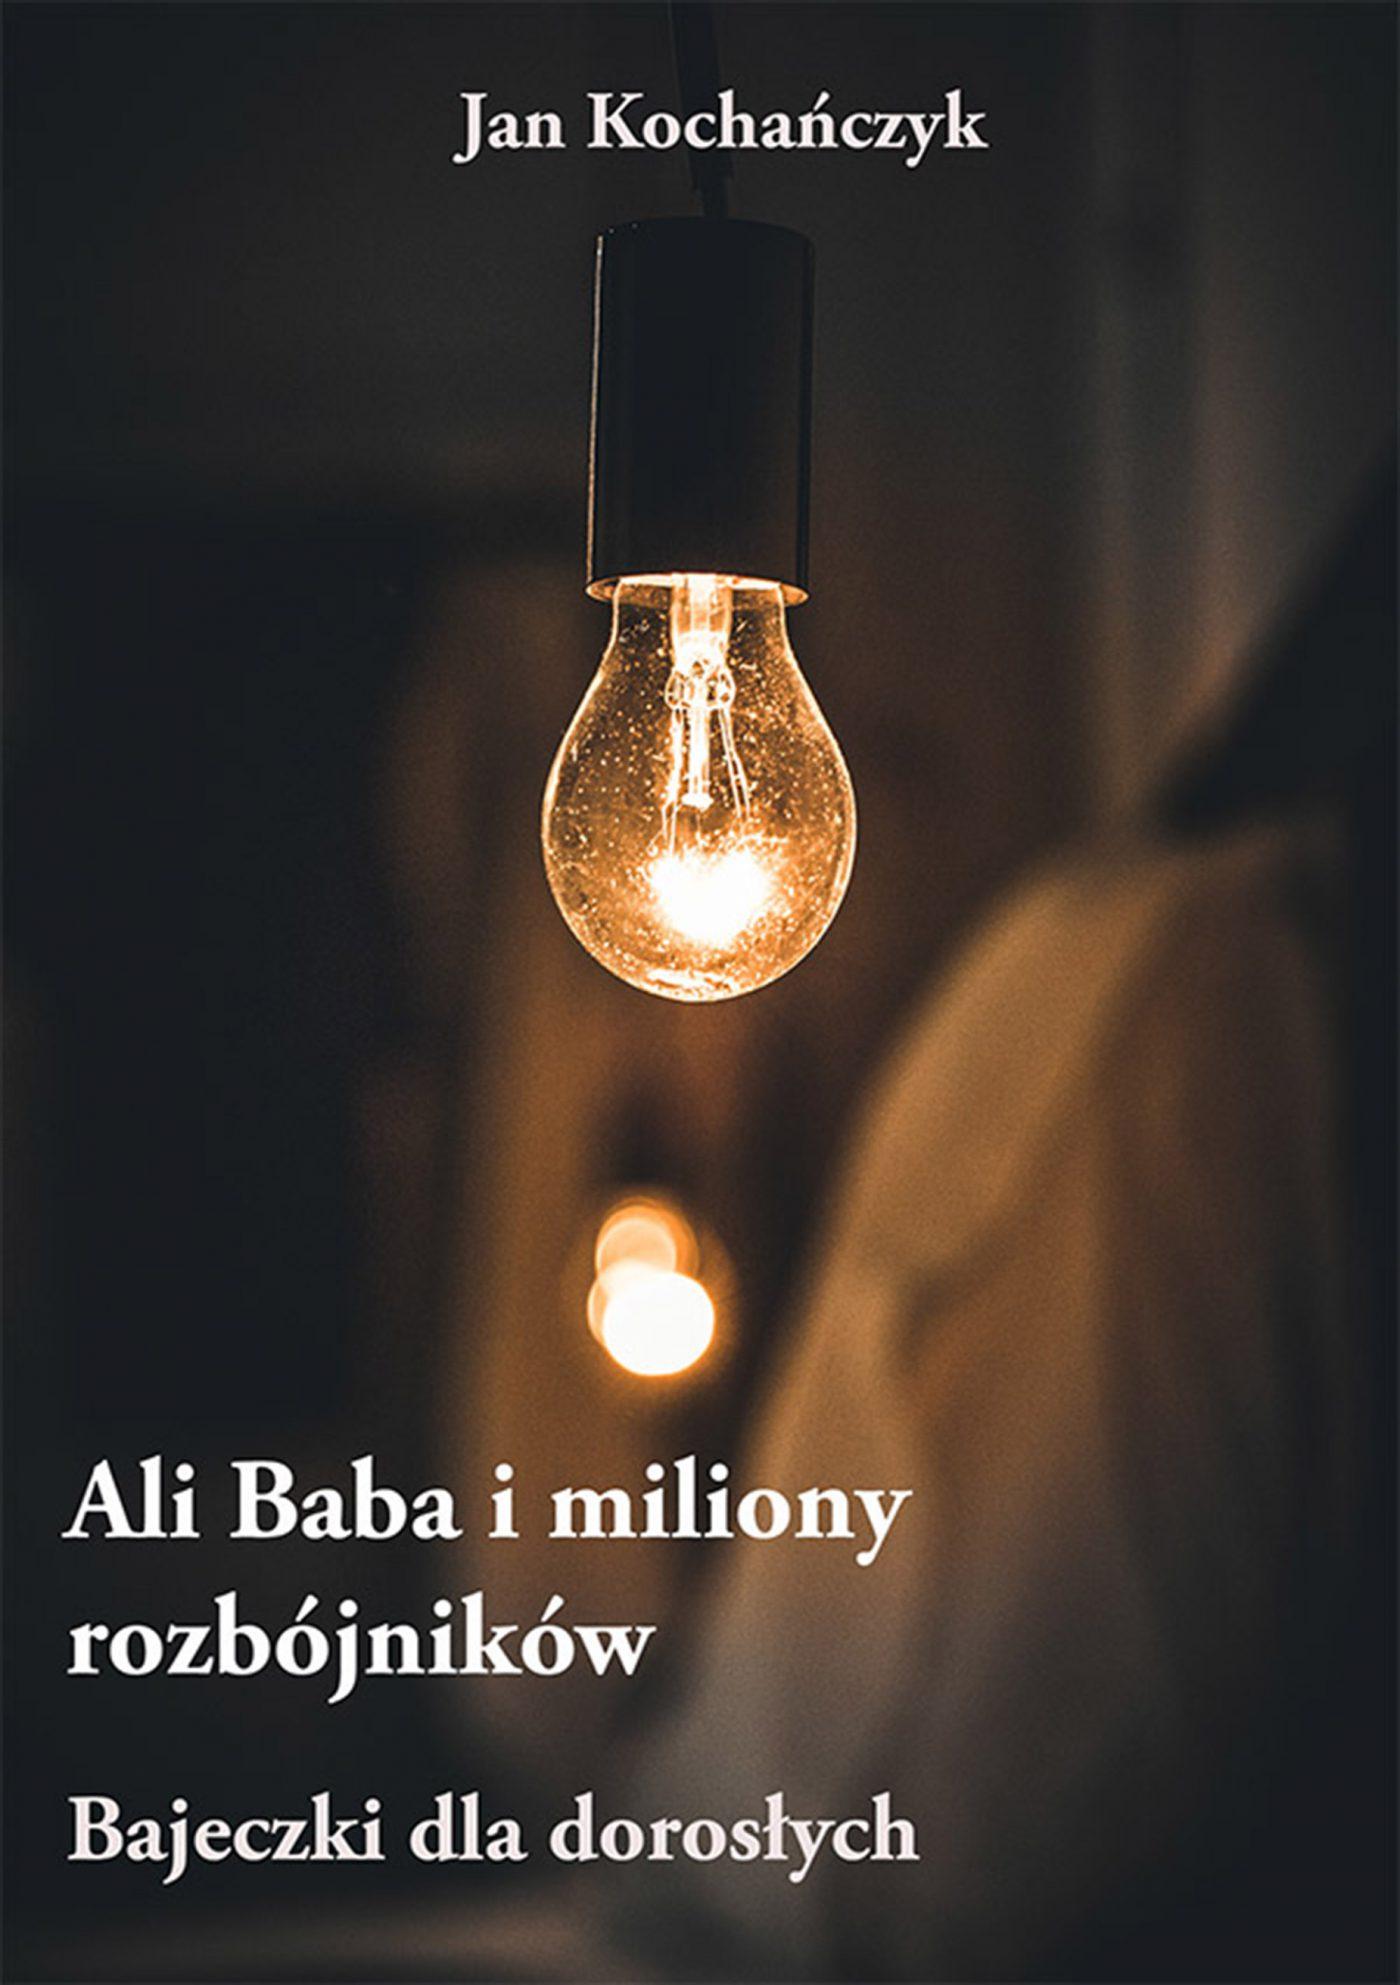 Ali Baba i miliony rozbójników – Bajeczki dla dorosłych - Ebook (Książka PDF) do pobrania w formacie PDF